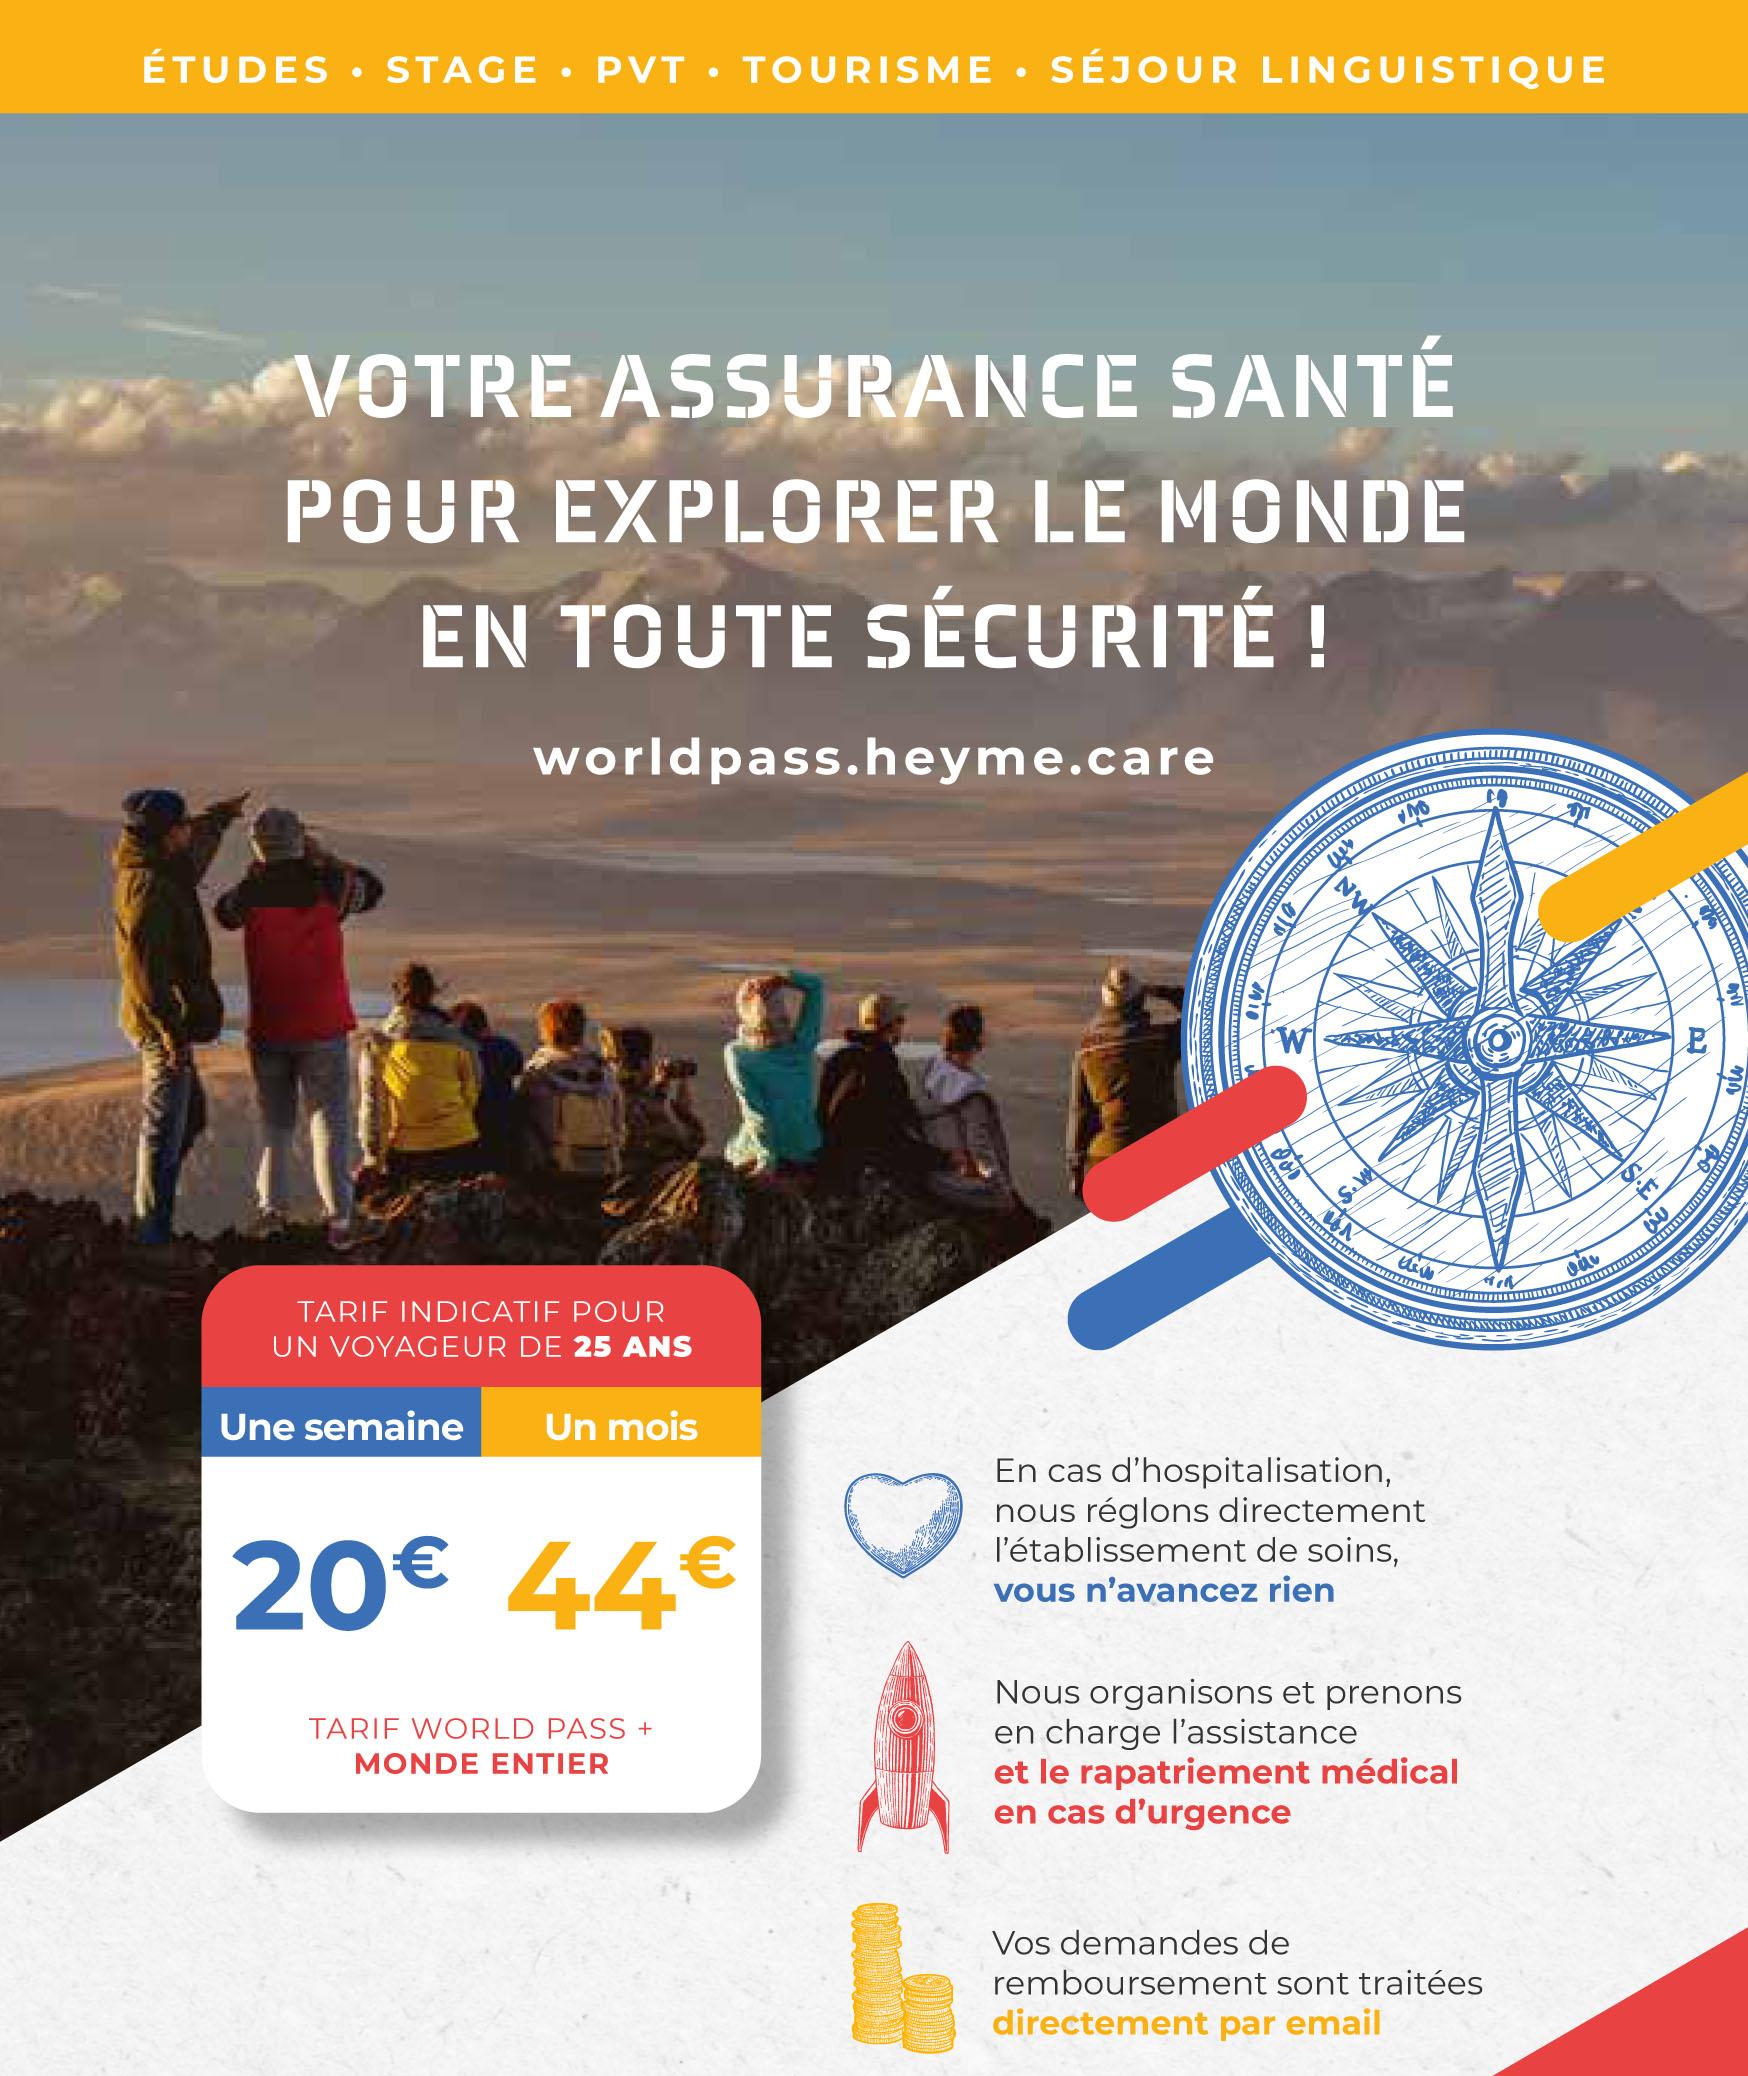 Heyme - Assurance voyage pour étudiants